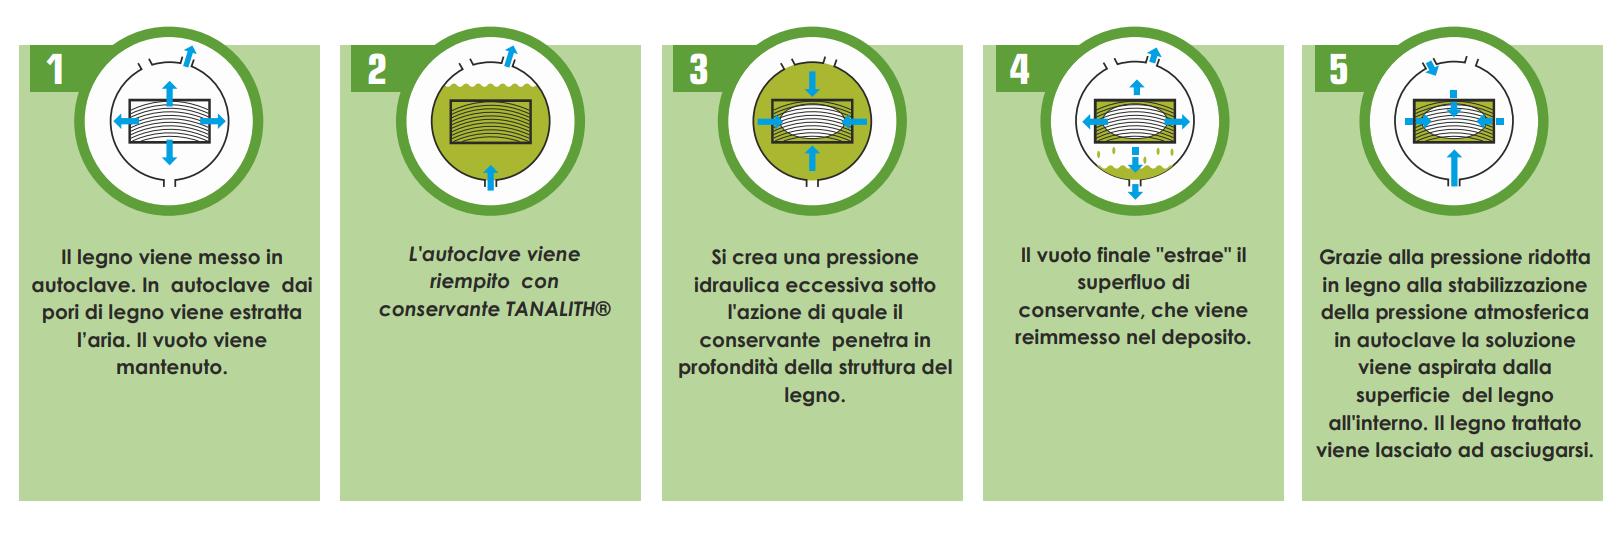 Processo di impegnazione del Legno - NextradeItalia